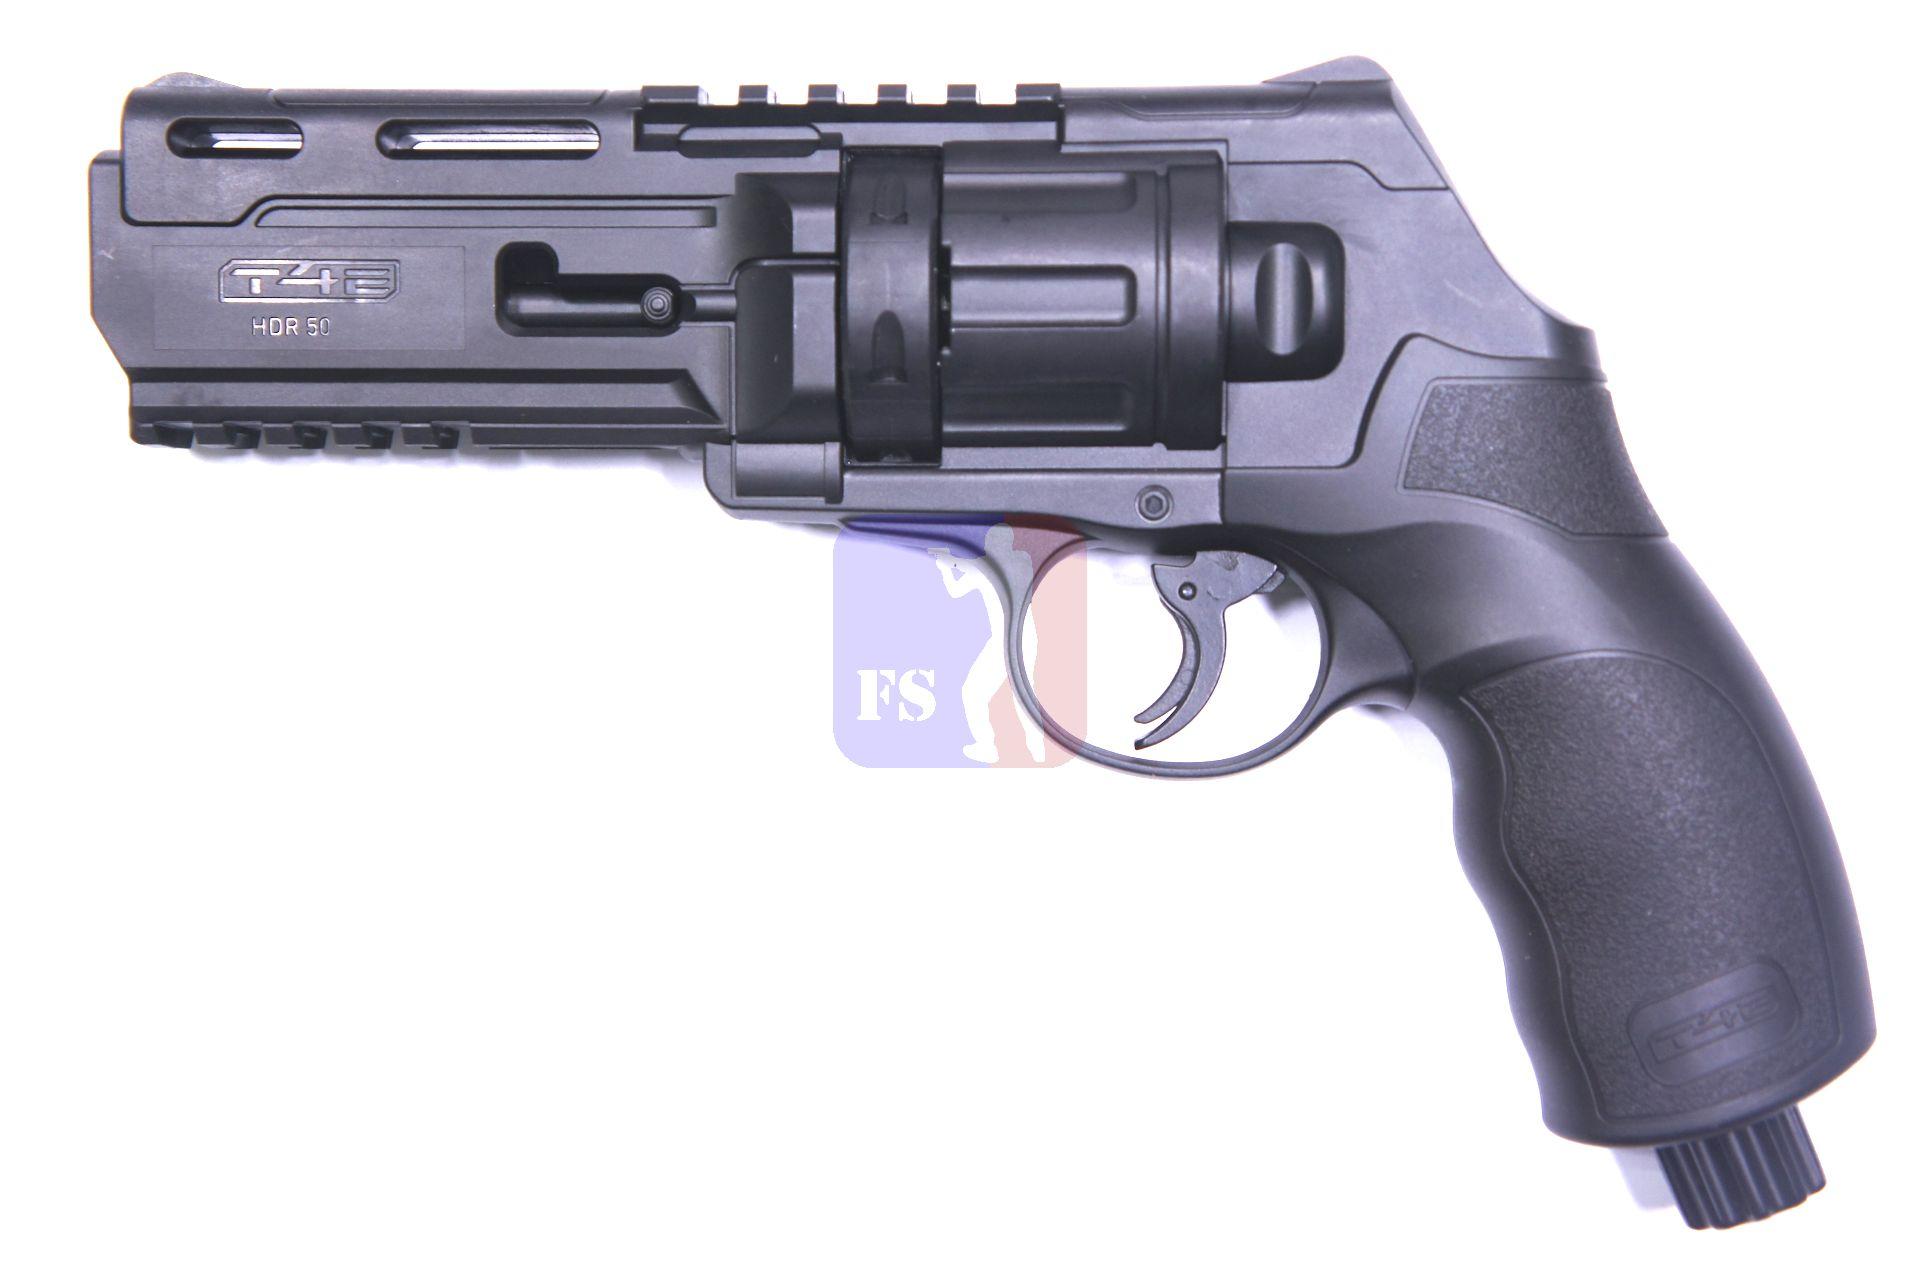 Hier sehen Sie den <a href=1293820.htm>Revolver HDR50</a>, für den diese Kugeln passen.